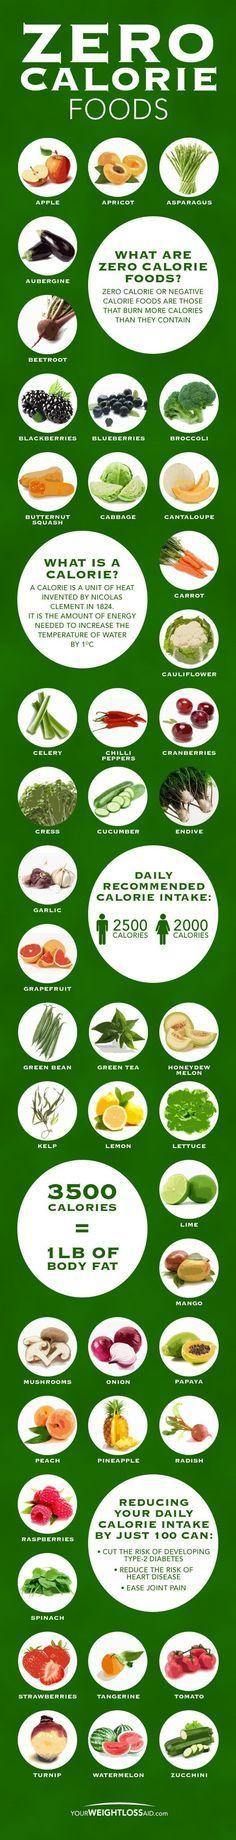 Productos que contienen cero calorías y las calorías RECOMENDADAS al día. Más información www.sbcvalencia.com